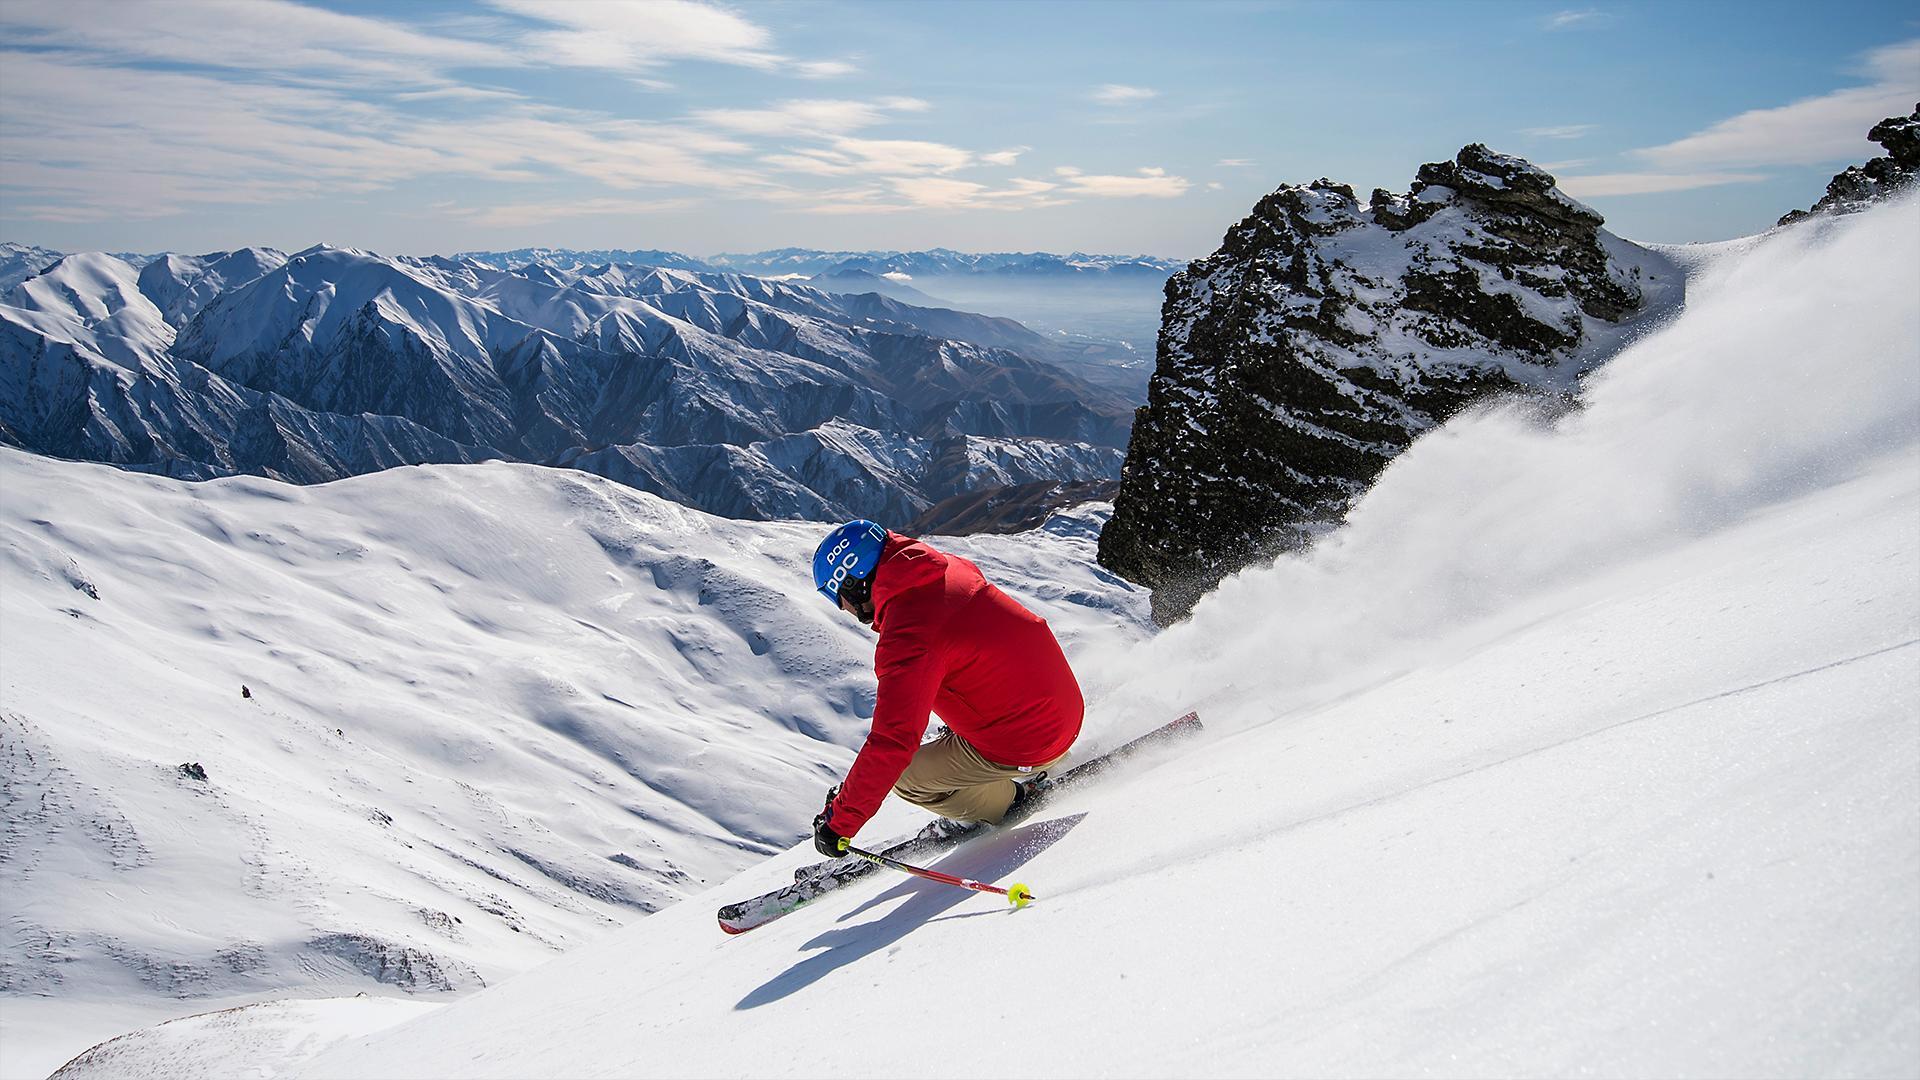 <p>Web&#8217;de gezinirken, geçen haftalarda Anadolu Ajansı muhabirlerine güneşli bir havada verdiğim kayak görüntüleriyle karşılaştım. </p>